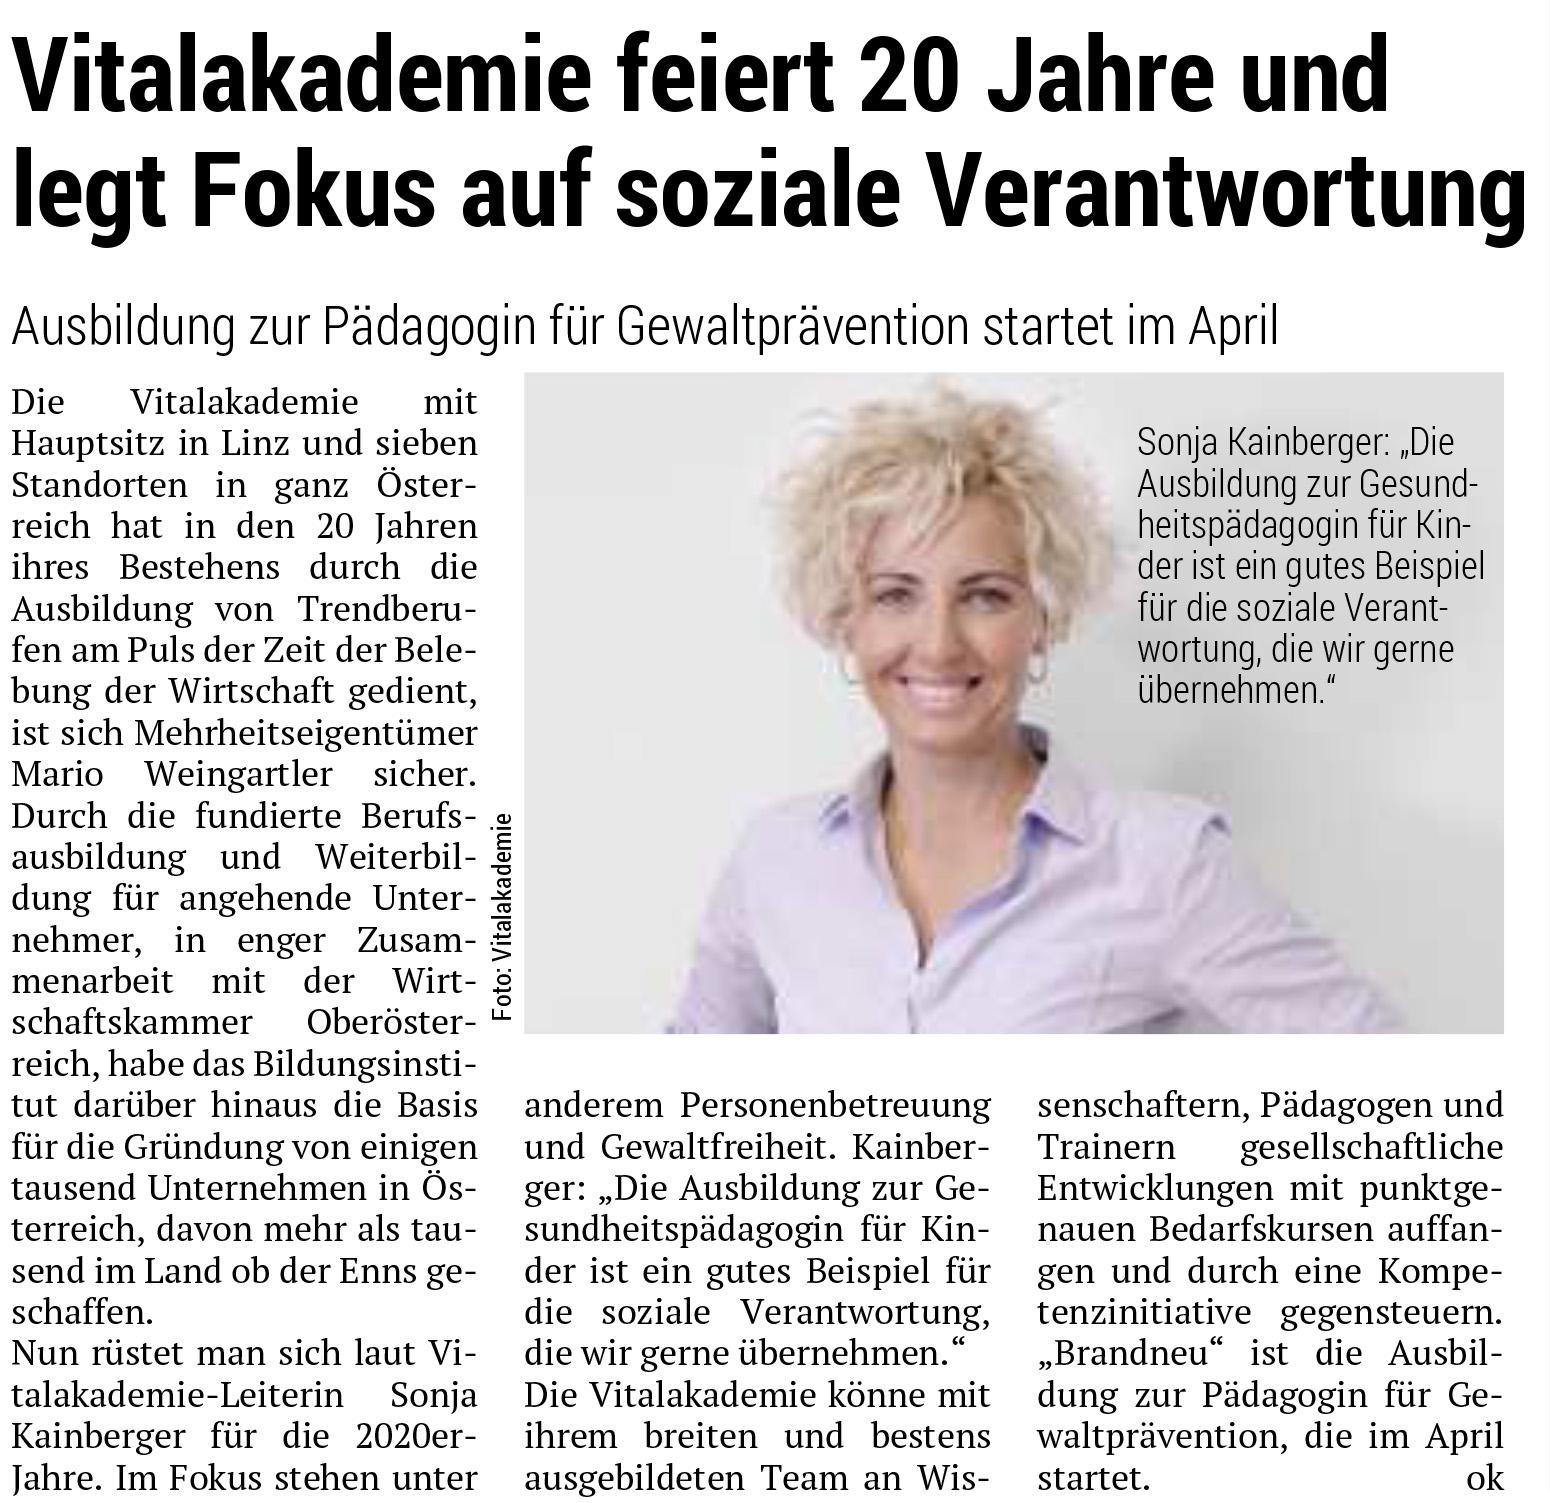 Volksblatt_27.2